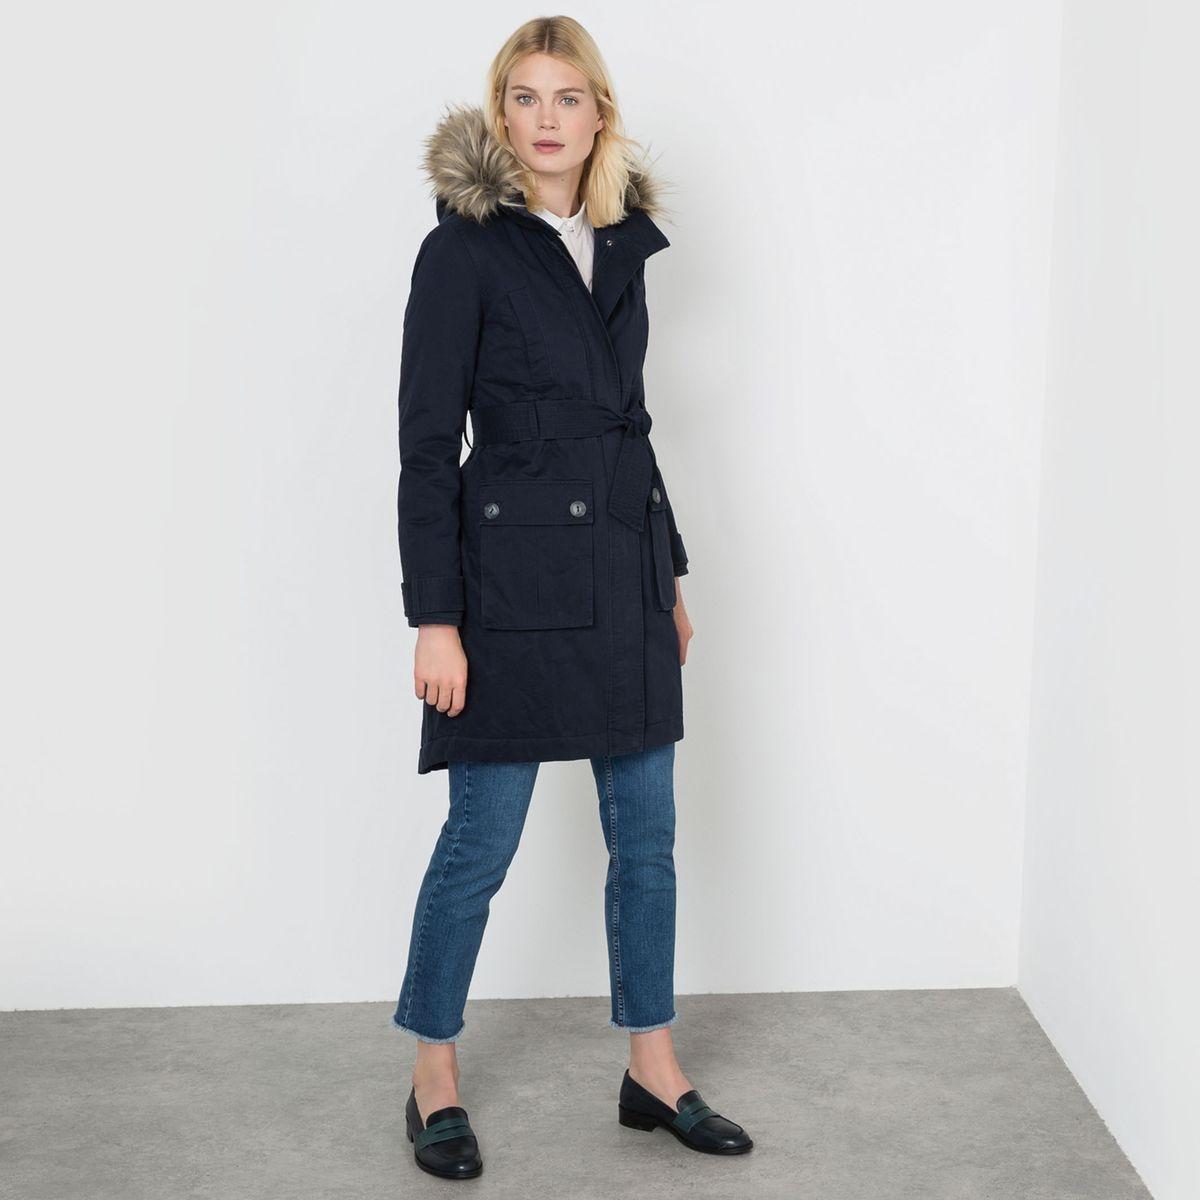 Veste Tendance Femme pour manteaux et vestes tendance - femme - vetements de tendance